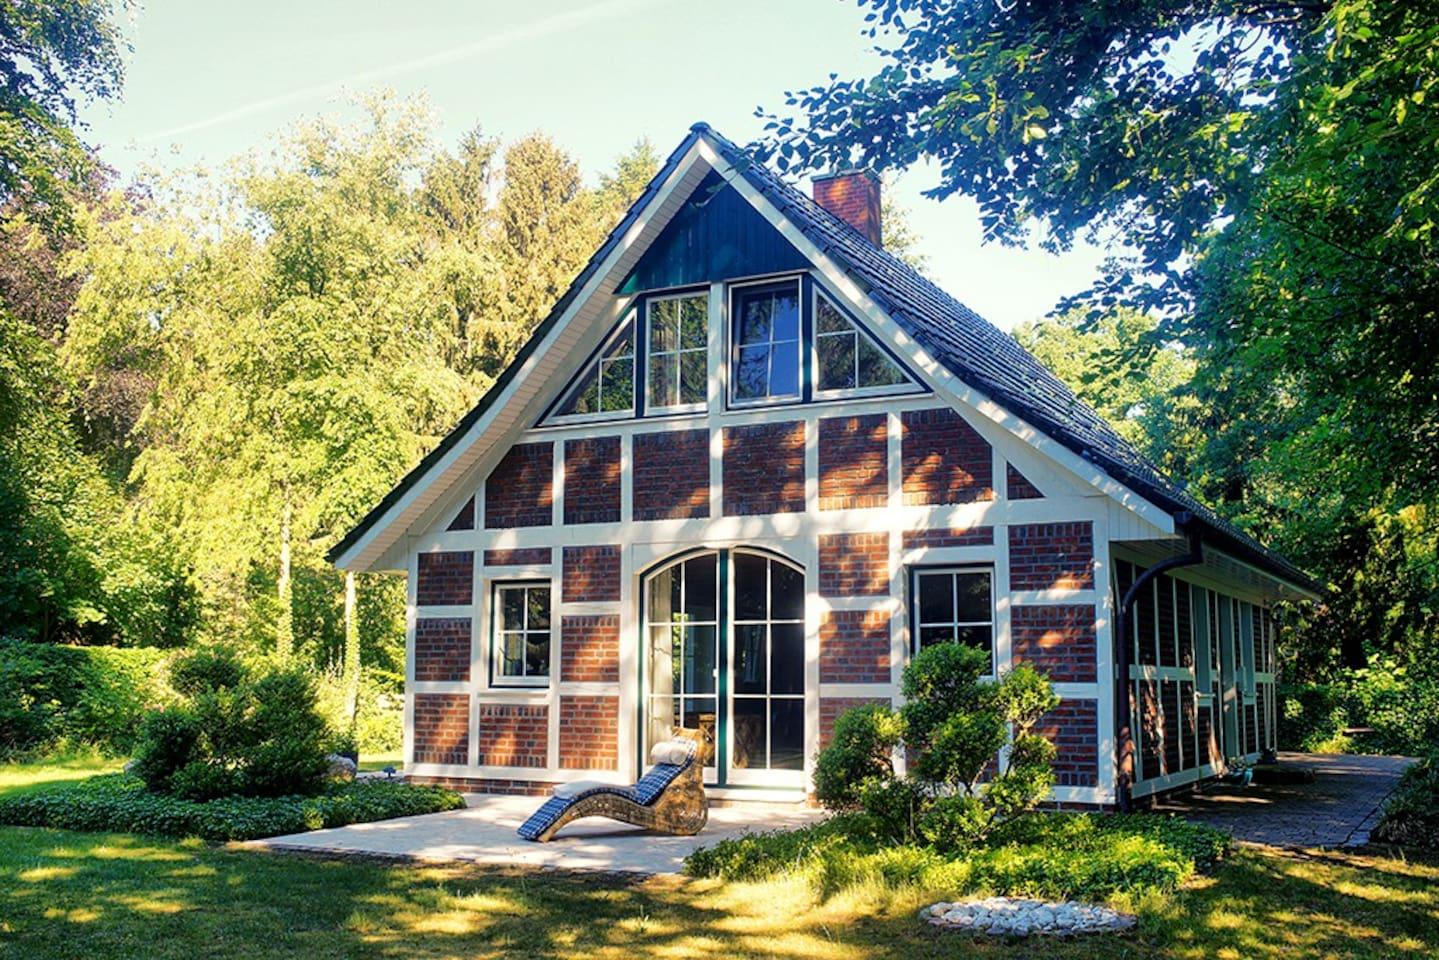 Unser liebevoll gepflegtes Haus im grünen Garten